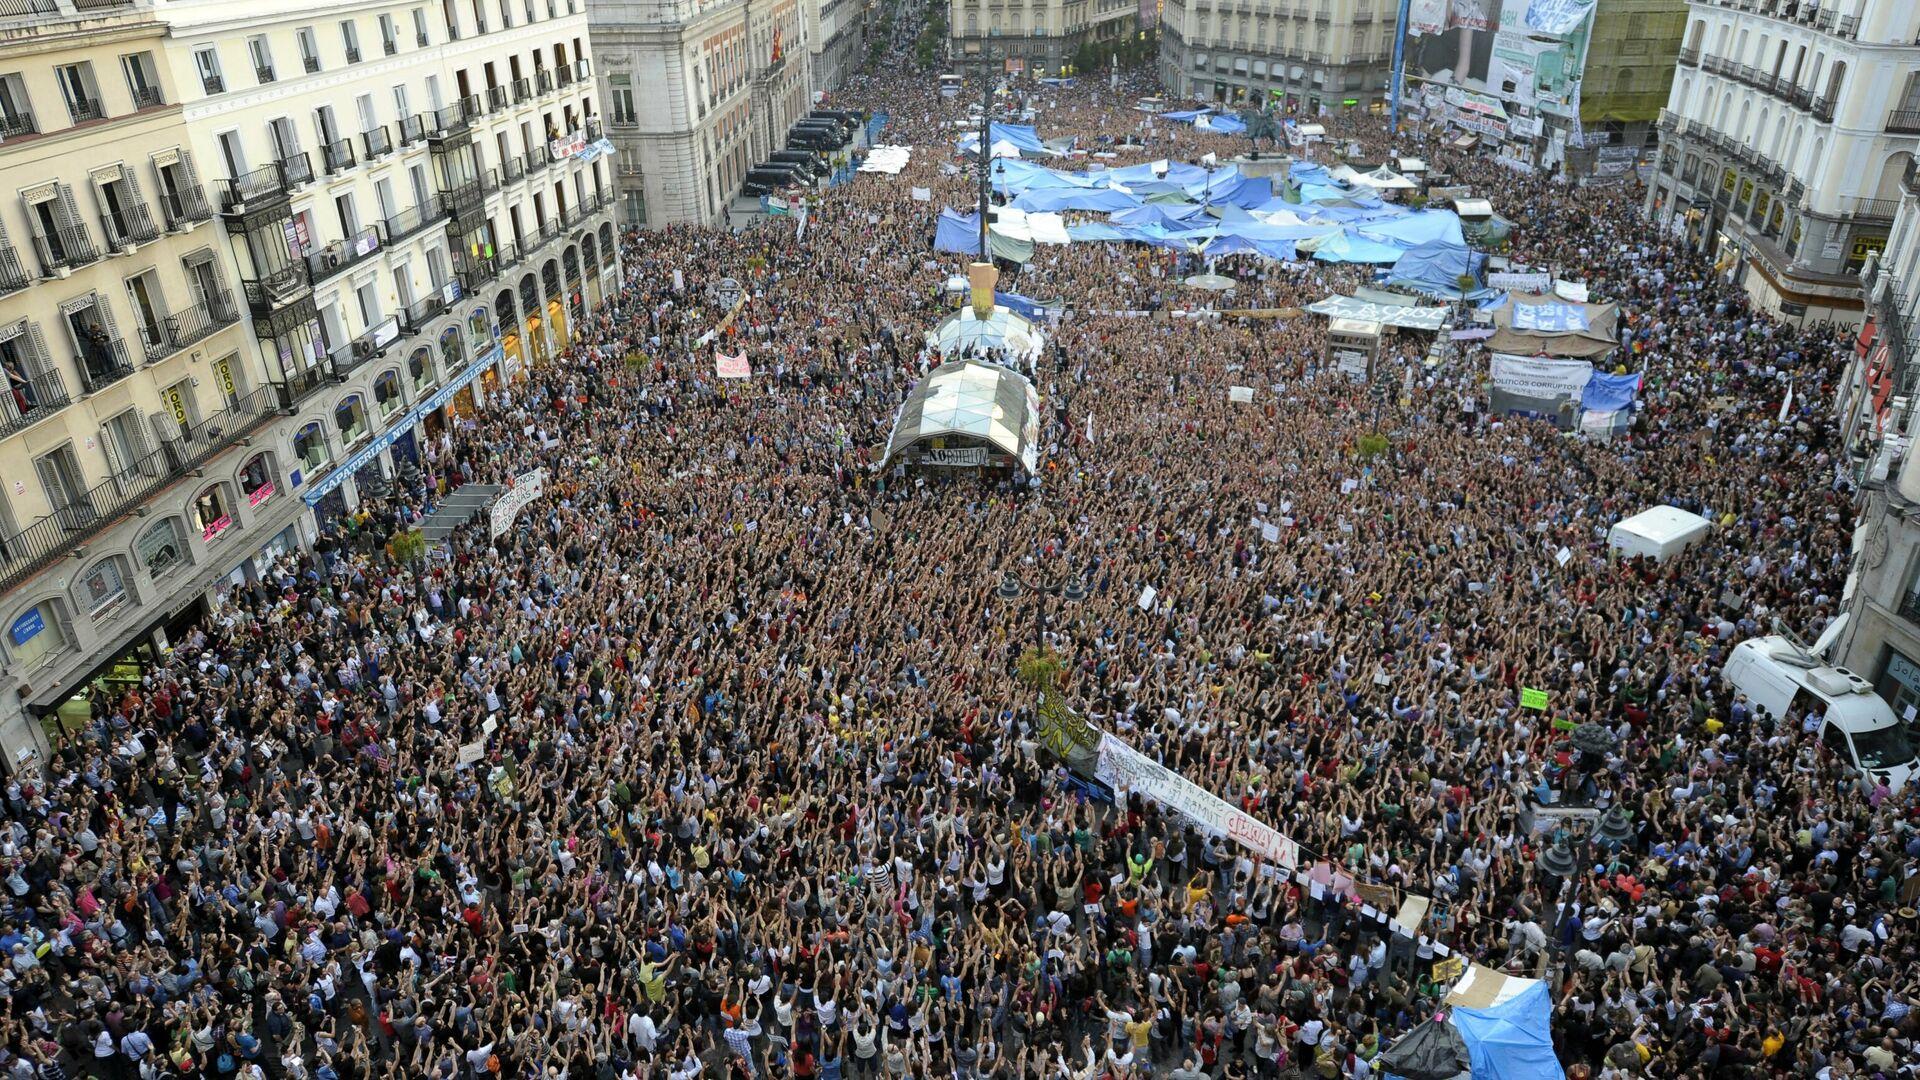 La Puerta del Sol, en Madrid, en mayo de 2011 - Sputnik Mundo, 1920, 14.05.2021